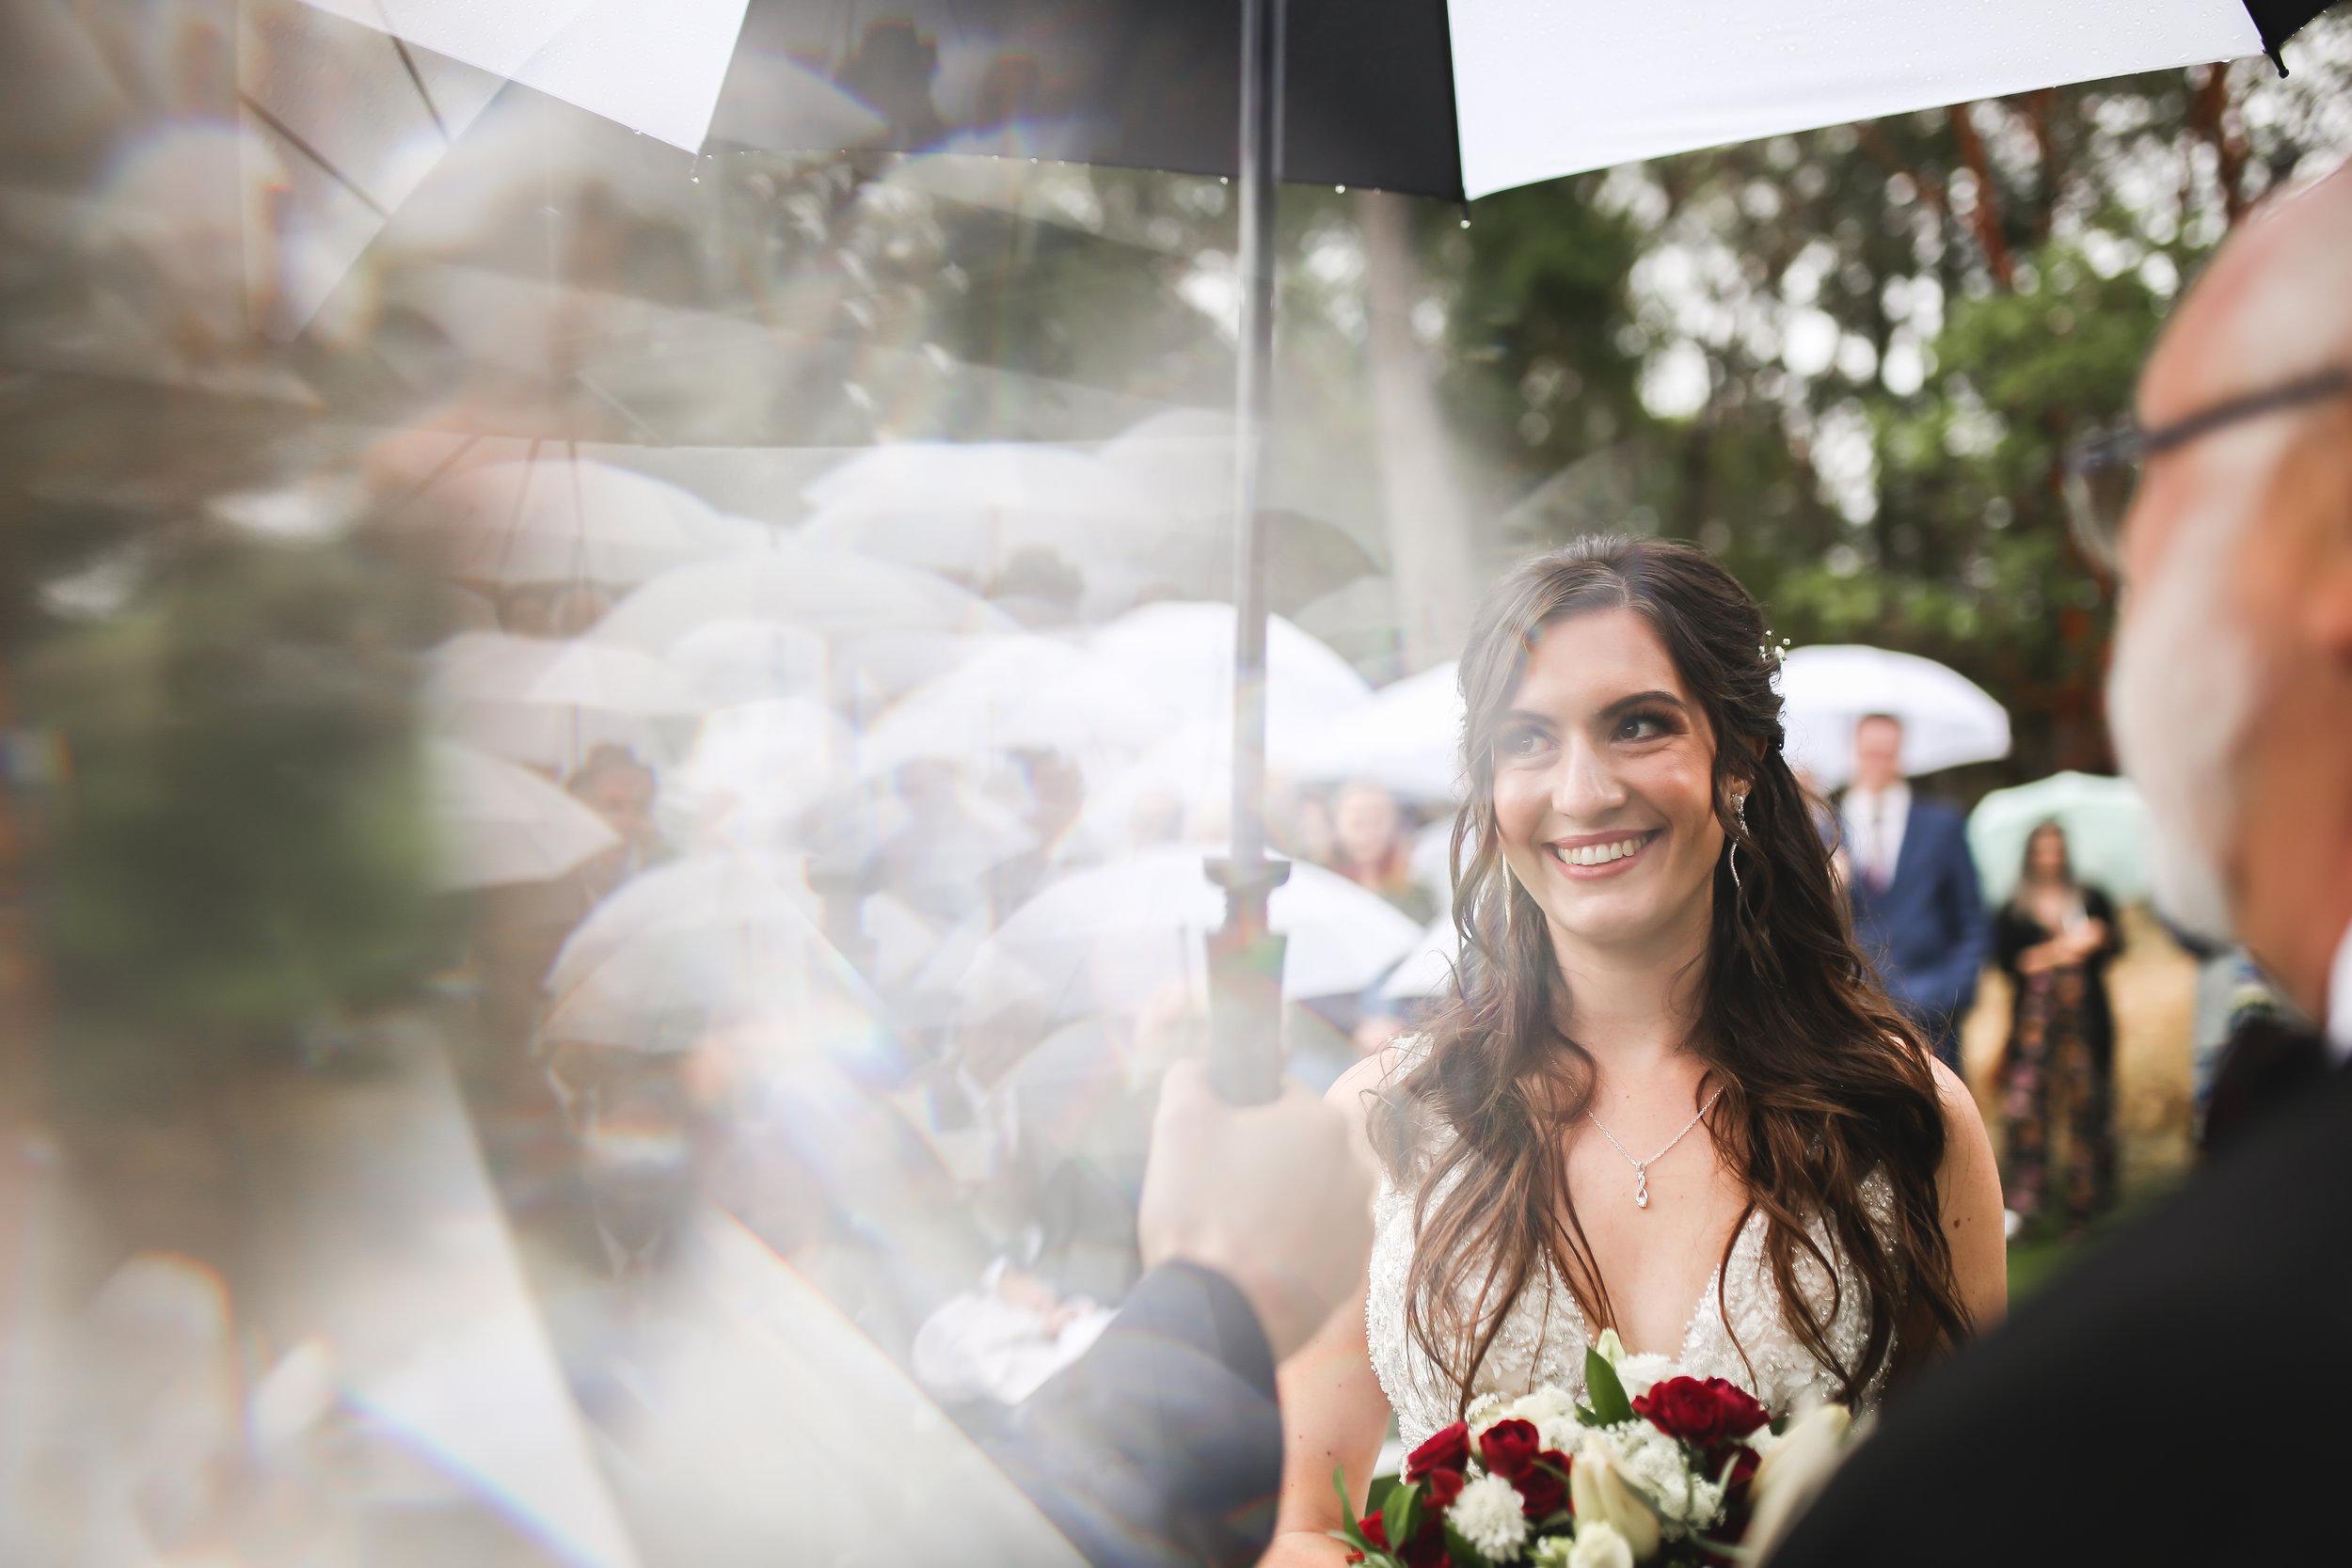 64 Adam Ziorio Photography - Allison & Austin's Wedding.jpg